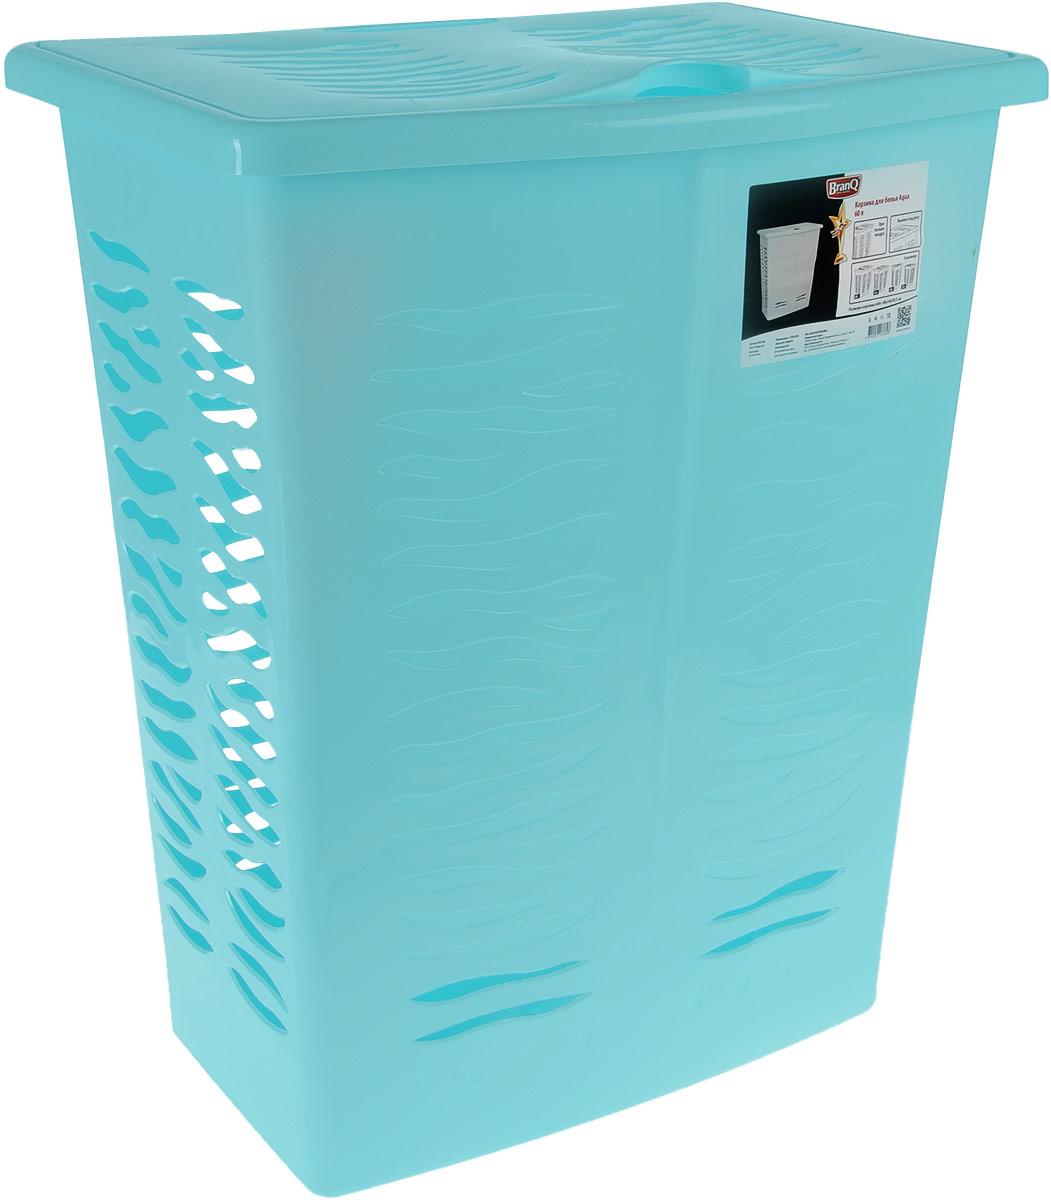 Корзина для белья BranQ Aqua, цвет: бирюзовый, 60 л391602Корзина для белья BranQ Aqua изготовлена из прочного полипропилена и оформлена перфорированными отверстиями, благодаря которым обеспечивается естественная вентиляция. Корзина оснащена крышкой и ручкой для переноски. На крышке имеется выемка для удобного открывания крышки. Такая корзина для белья прекрасно впишется в интерьер ванной комнаты.